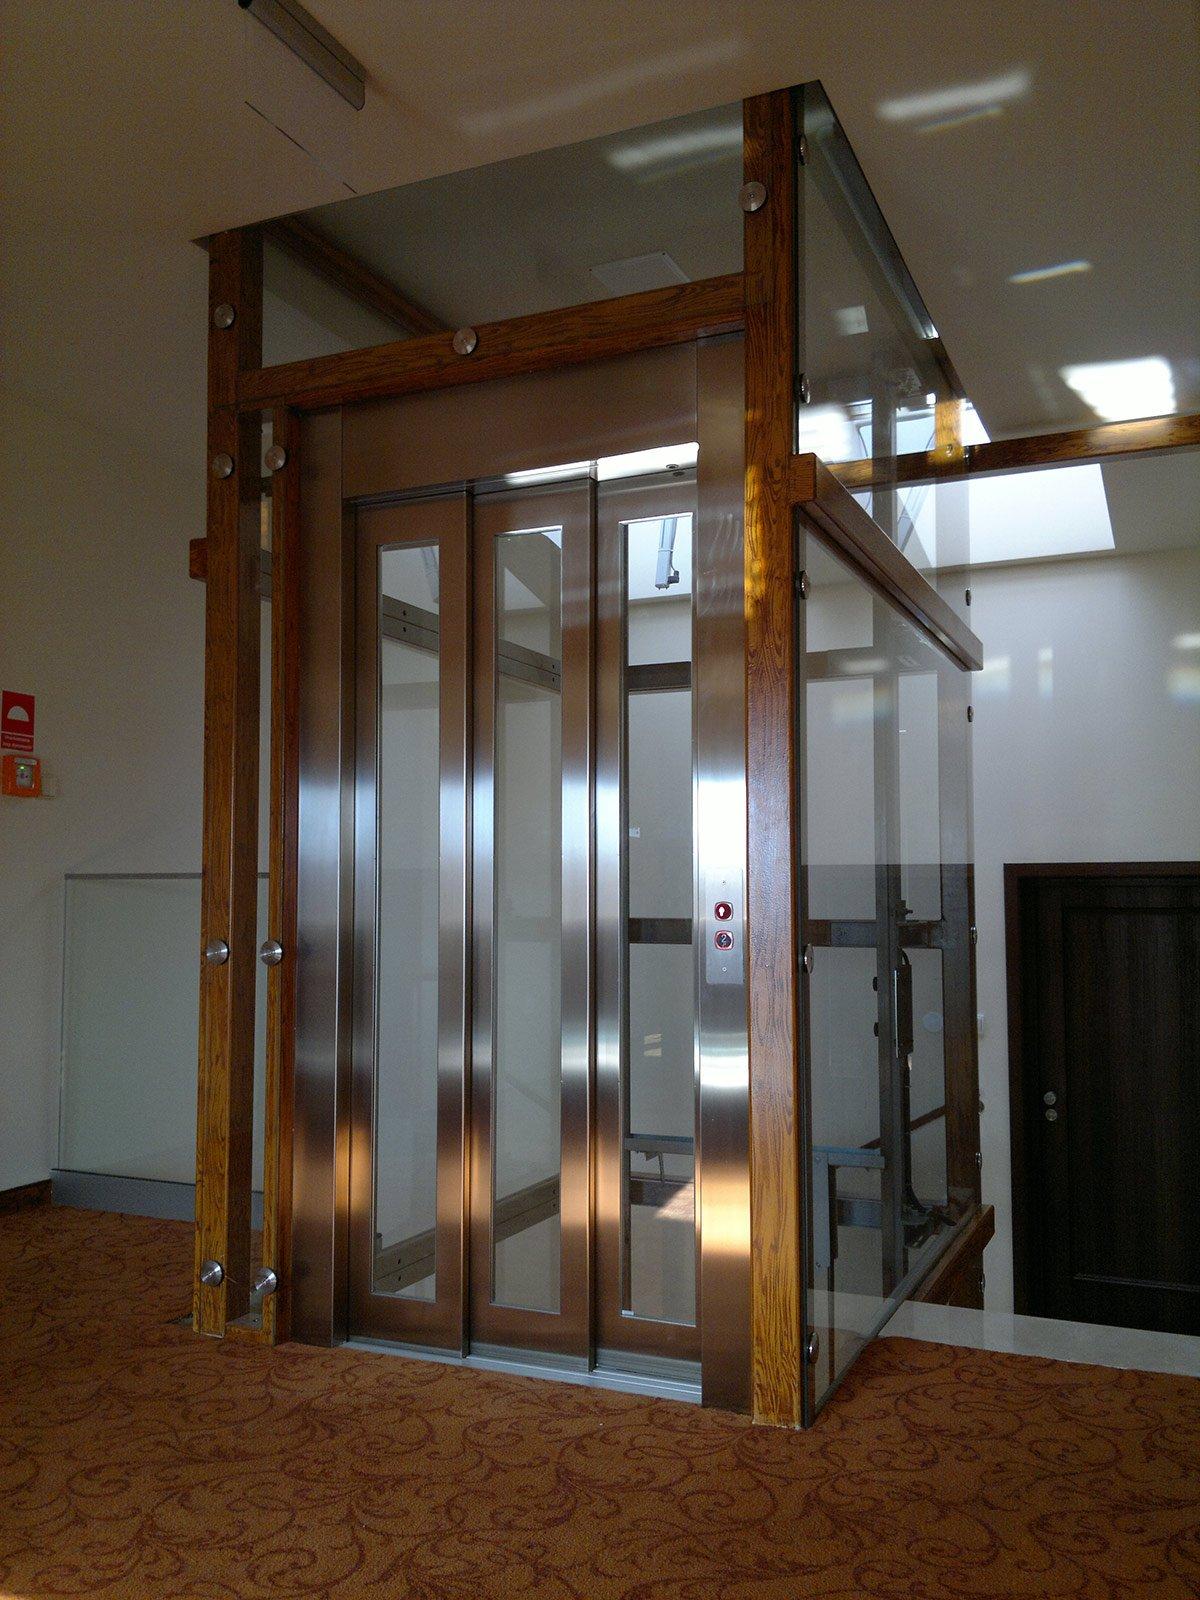 L 39 ascensore oleodinamico o idraulico cose di casa - Ascensore in casa ...